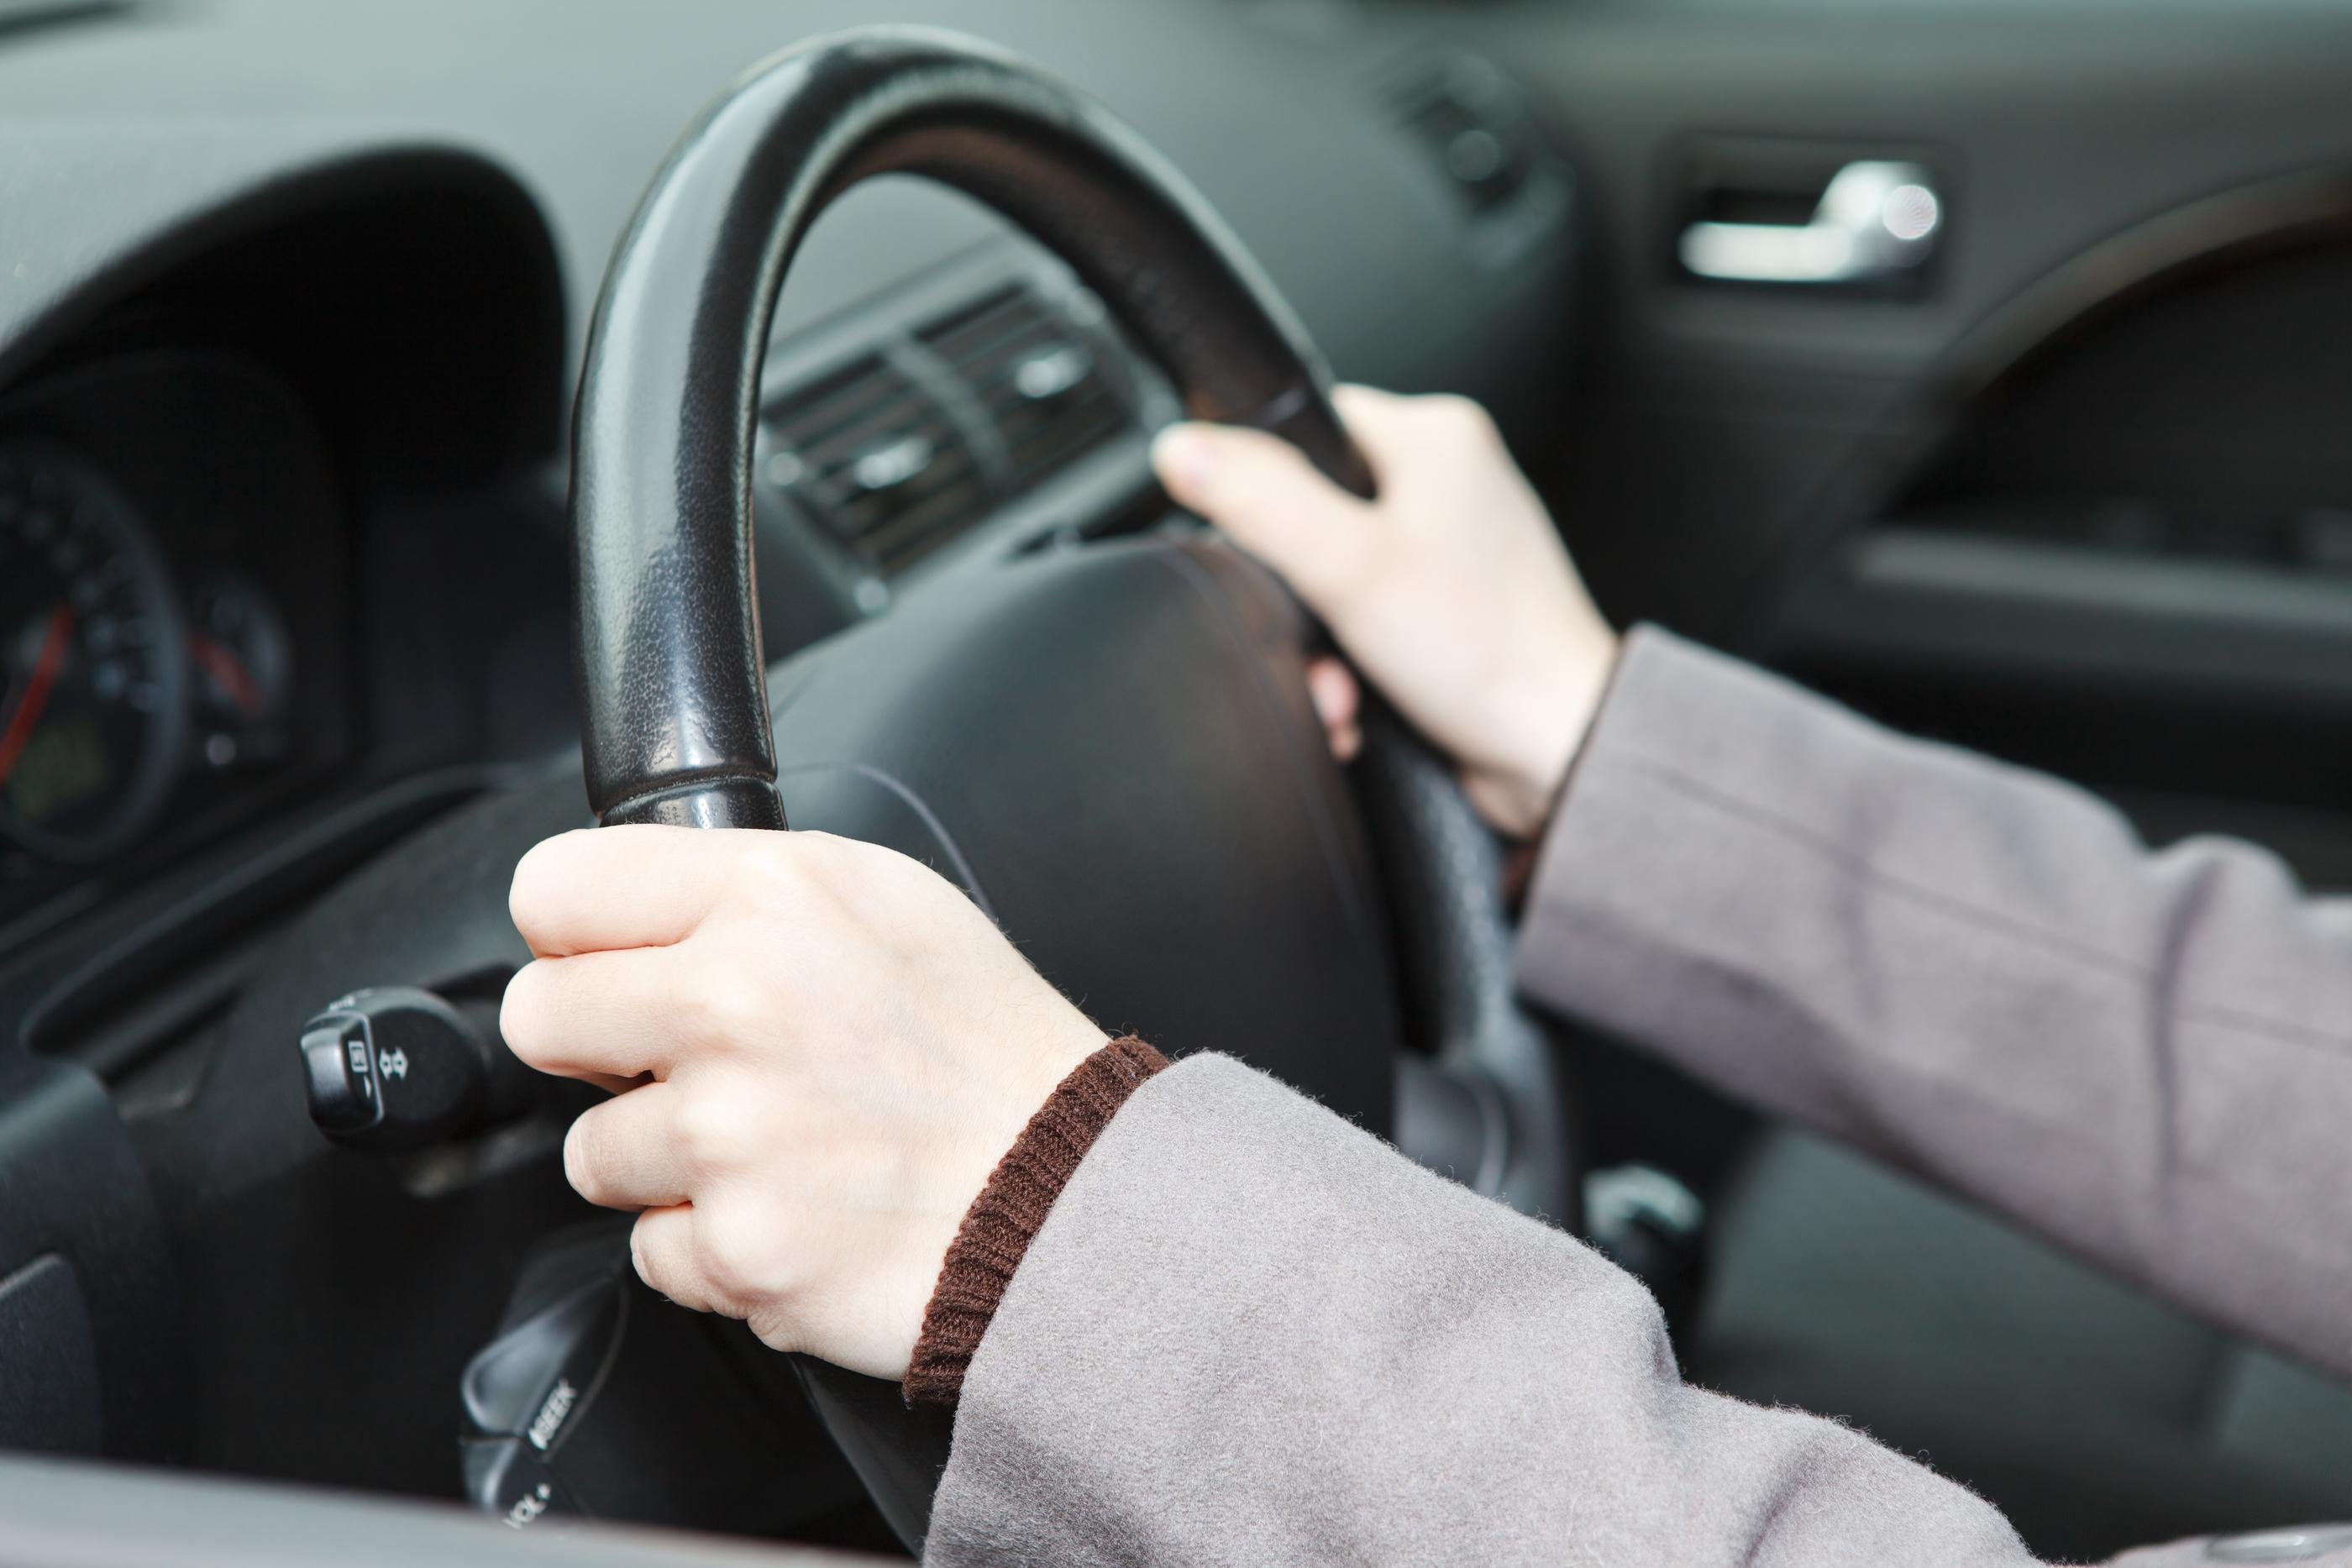 Posição correta de mãos e braços ao dirigir. Foto: Bigstock